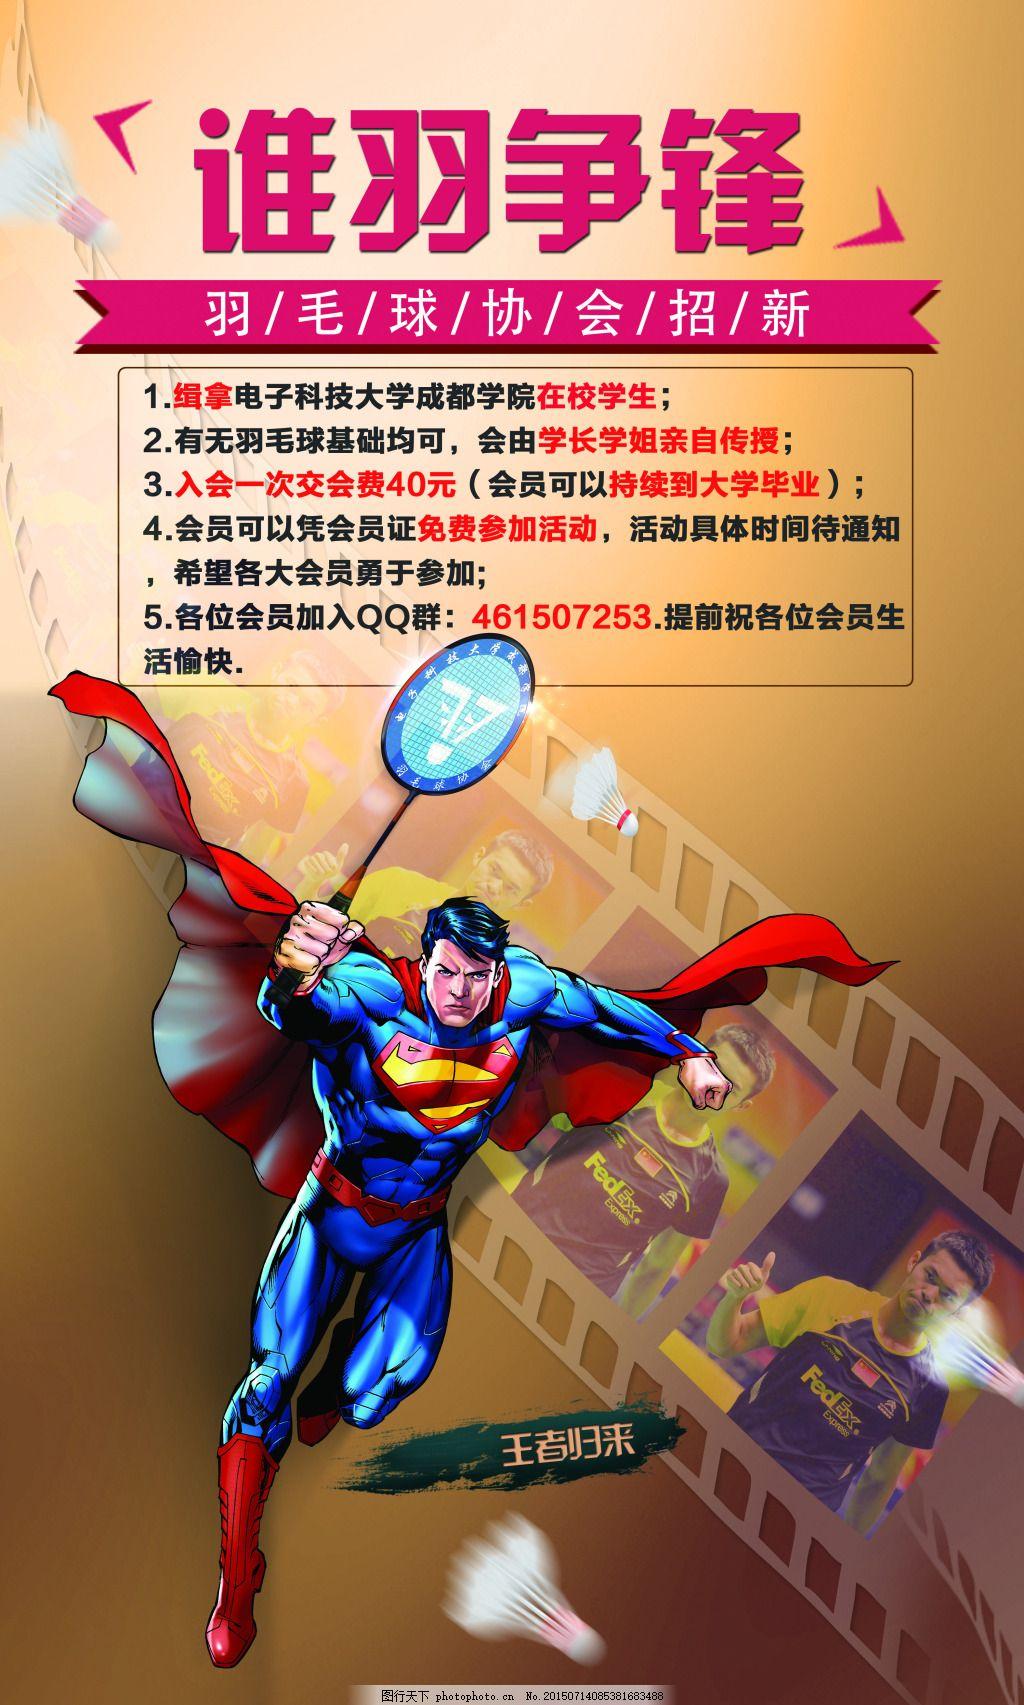 羽毛球协会海报 羽毛球 宣传海报 招新活动 大学招新 羽毛球海报 超人